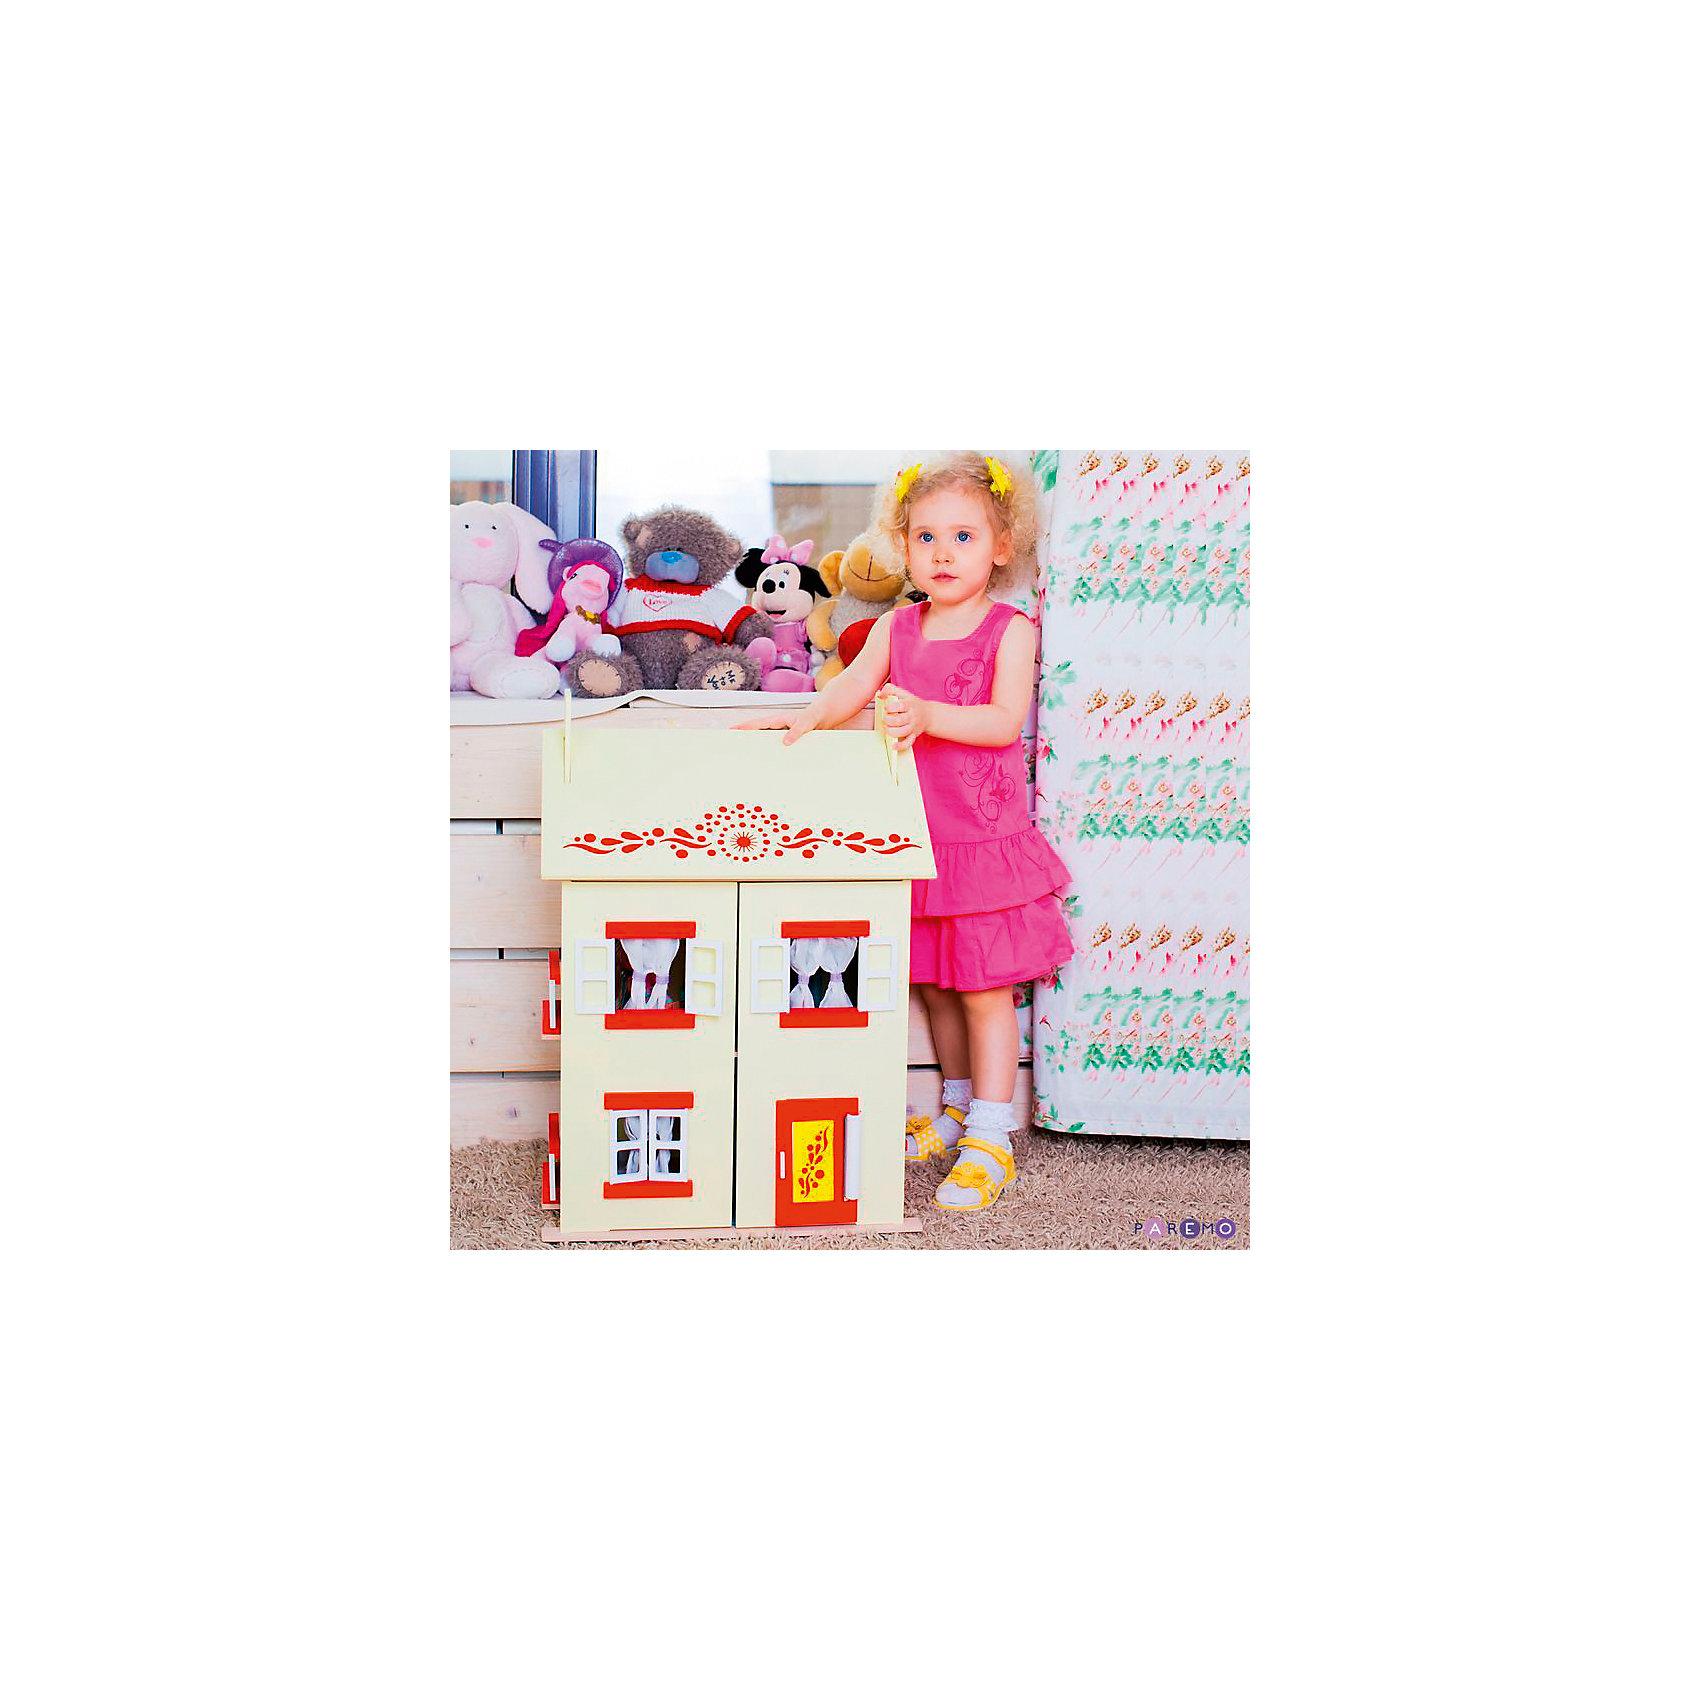 Кукольный домик София с мебелью 15 предметов, PAREMOИгрушечные домики и замки<br>Кукольный домик София, с мебелью 15 предметов, PAREMO (Паремо).<br><br>Характеристики:<br><br>•Материал: дерево, текстиль. Сделан из натуральных материалов- 100% дерево, ни одного пластикового элемента в каркасе и мебели.<br>•Домик имеет полностью закрытую конструкцию: для доступа к внутреннему игровому пространству нужно открыть лицевые створки фасада и перекидные створки крыши.<br>•2 основных, 3 –й мансардный этаж.<br>•Окна, ставни и дверь свободно открываются и закрываются.<br>•Цвет: нежно - желтый.<br>•Подходит для мини- кукол высотой до 15 см.<br>•Конструкция продается в разобранном виде. Инструкция по сборке входит в комплект.<br>•Размер игрушки в собранном виде - 45х35х65 см.<br>•Размер упаковки - 67х44х12 см<br>•Вес 11 кг. <br><br>В комплекте:<br><br>• 15 предметов мебели: раковина, унитаз (крышка поднимается), 2-спальная кровать, тумба, торшер; круглый обеденный стол, 2 стула, кухонный стеллаж, плита; диван, тумбочка, часы, тумба под телевизор, плоский телевизор.<br>• 23 декоративные наклейки для украшения интерьера и фасадов (снаружи - 2 наклейки с цветами для боковых цветников снаружи домика, орнамент на дверь; внутри первого этажа – окно, 4 фото-рамки, 2 бра; второго этажа – кухонный коврик, буфет и полка, салфетка на стол и 2 наклейки на плиту, третьего этажа - 3 картины, 2 мансардных окна, циферблат часов, экран телевизора).<br><br>ВНИМАНИЕ! Куклы, кукольная одежда и транспорт, а также текстиль приобретается отдельно!<br><br>Кукольный домик София, с мебелью 15 предметов, PAREMO. В доме 3 этажа, 4 просторных комнаты. На первом этаже располагаются ванная комната и спальня. На втором этаже – кухня- столовая. На третьем – уютная гостиная. Окна в домике в виде больших проемов по бокам дома, ведущих на балкончики, и 3 окошка на лицевом фасаде. Рамы свободно открываются и закрываются. С внутренней стороны окна предусмотрены карнизы для штор. Входная дверь первого этажа открываетс